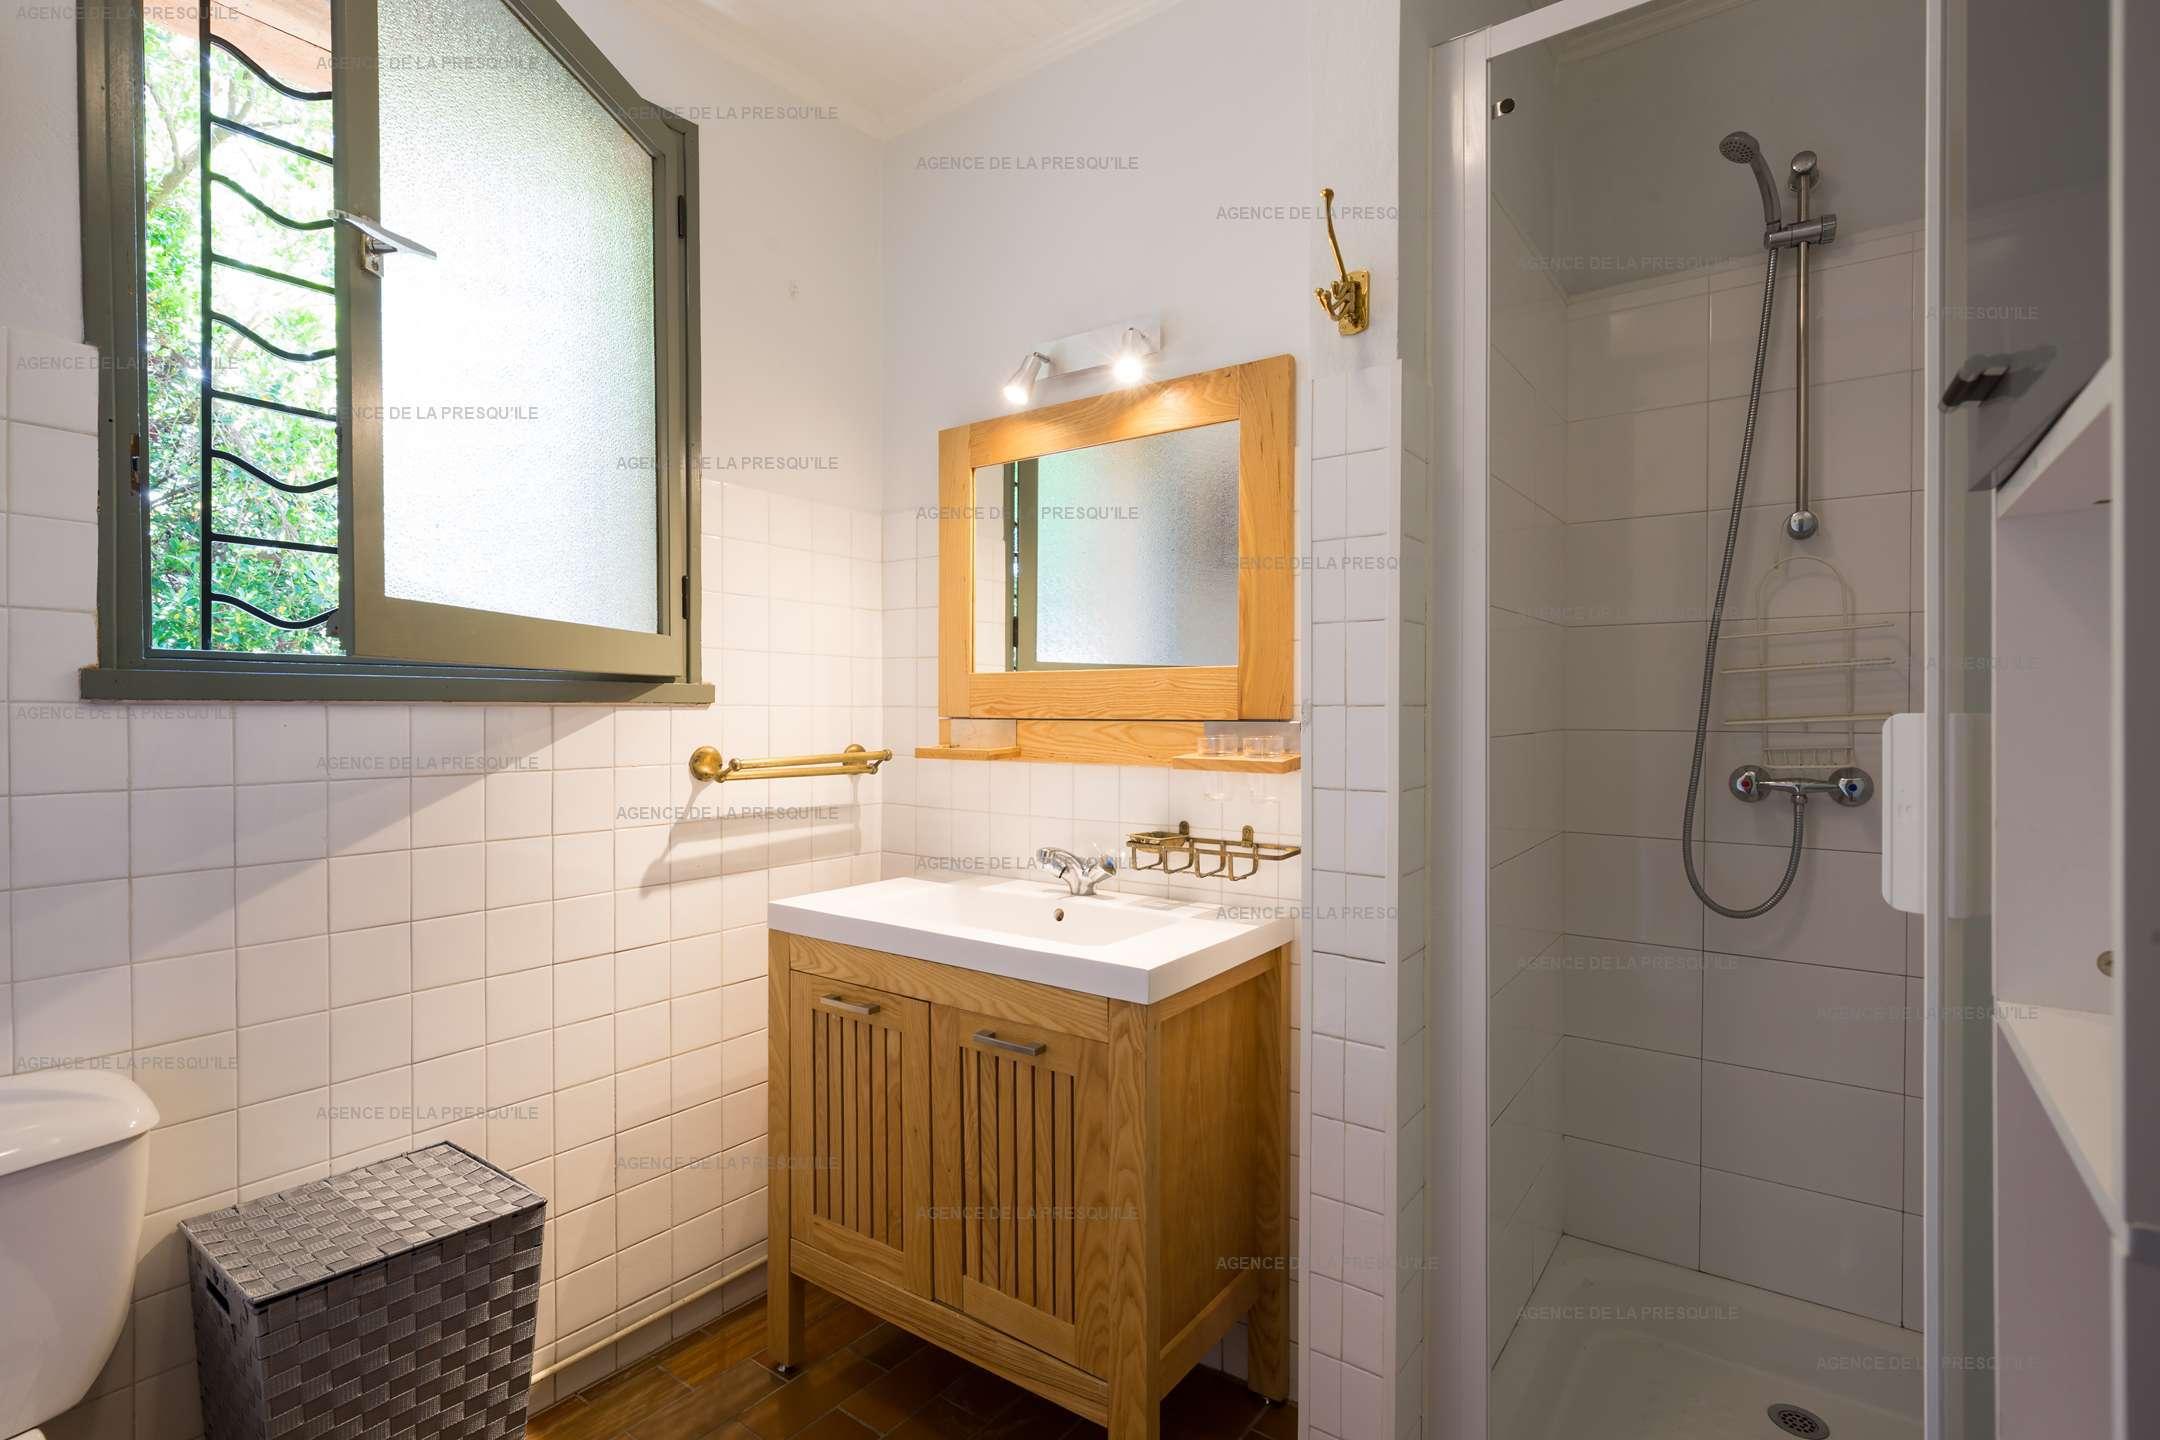 Location: Très agréable villa située au mimbeau 7